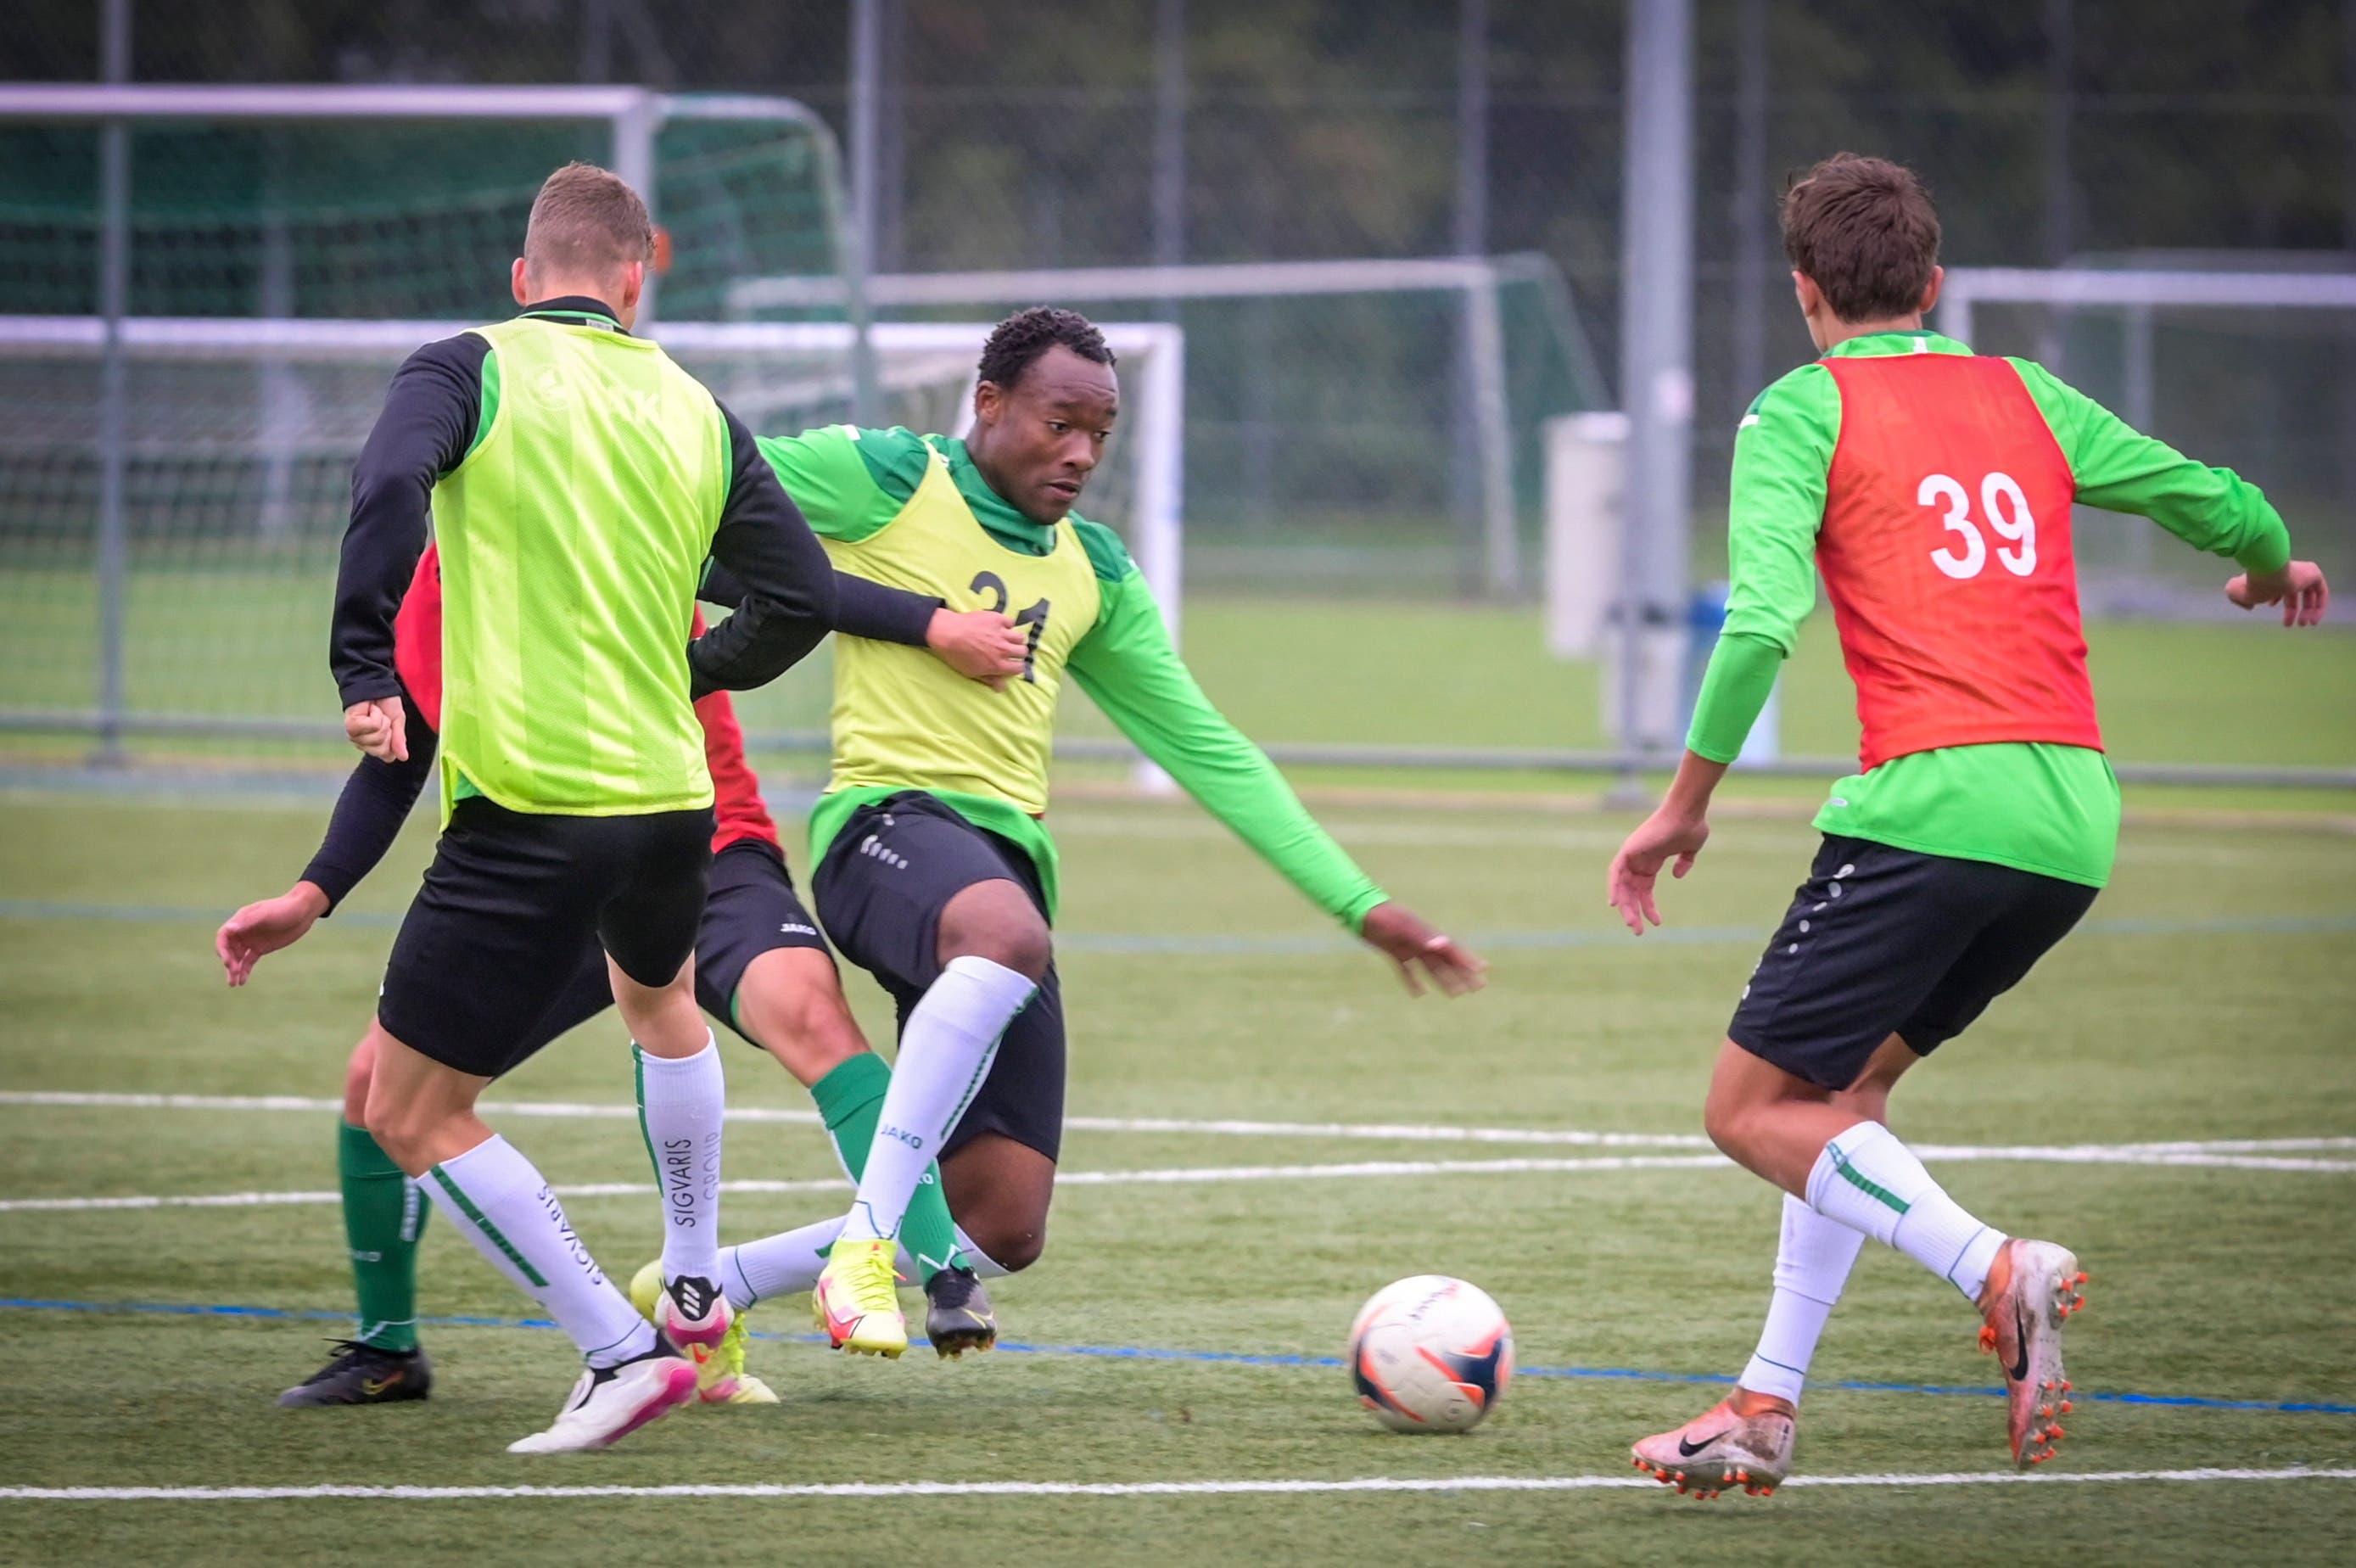 Abdoulaye Ouattara (Nummer 21), bis im Sommer im Nachwuchs von Olympique Lyon, in Aktion.